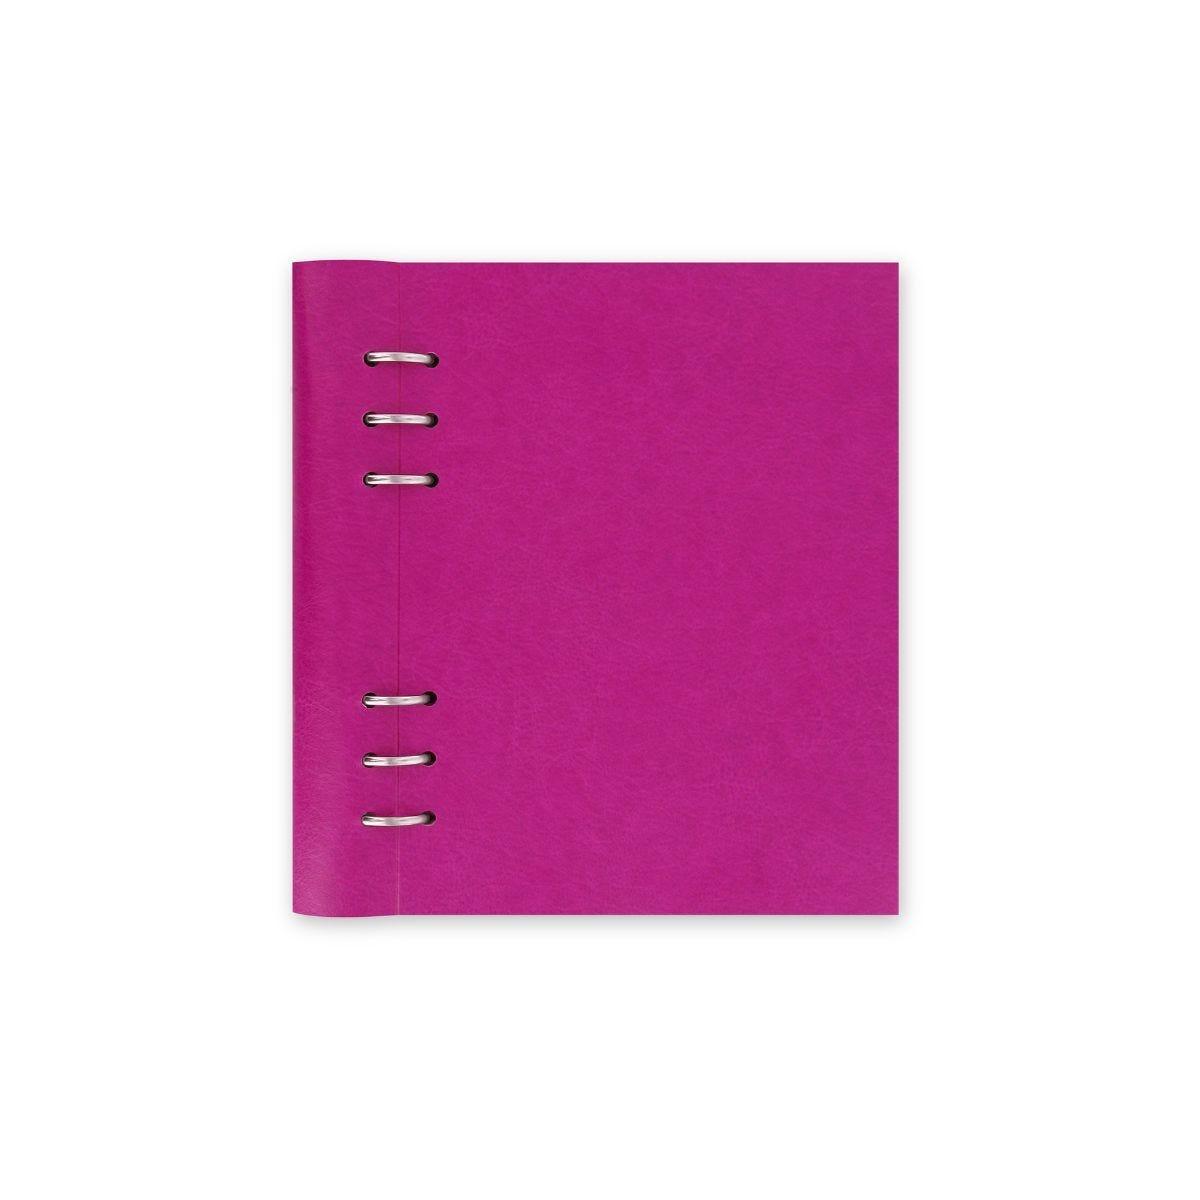 Filofax Refillable Clipbook Planner A5 Fuchsia